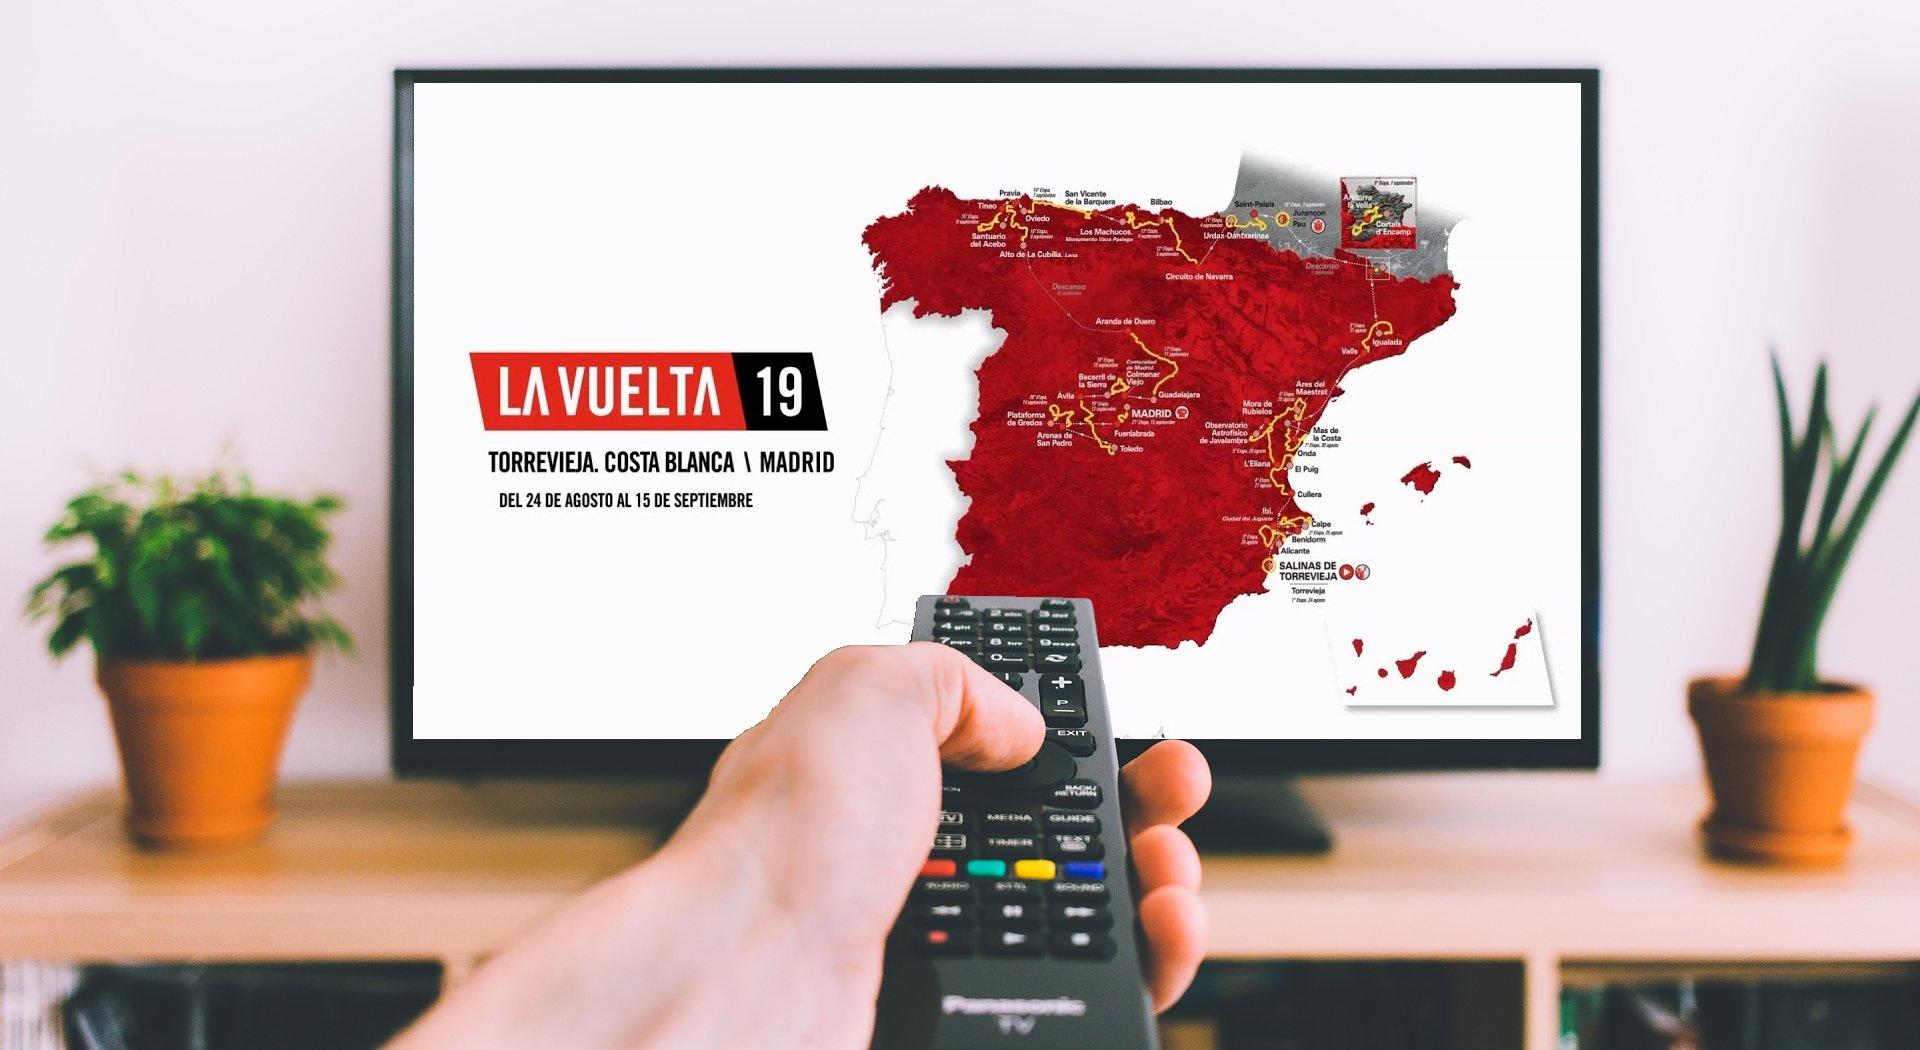 La Vuelta 2019 TV Streaming Guide